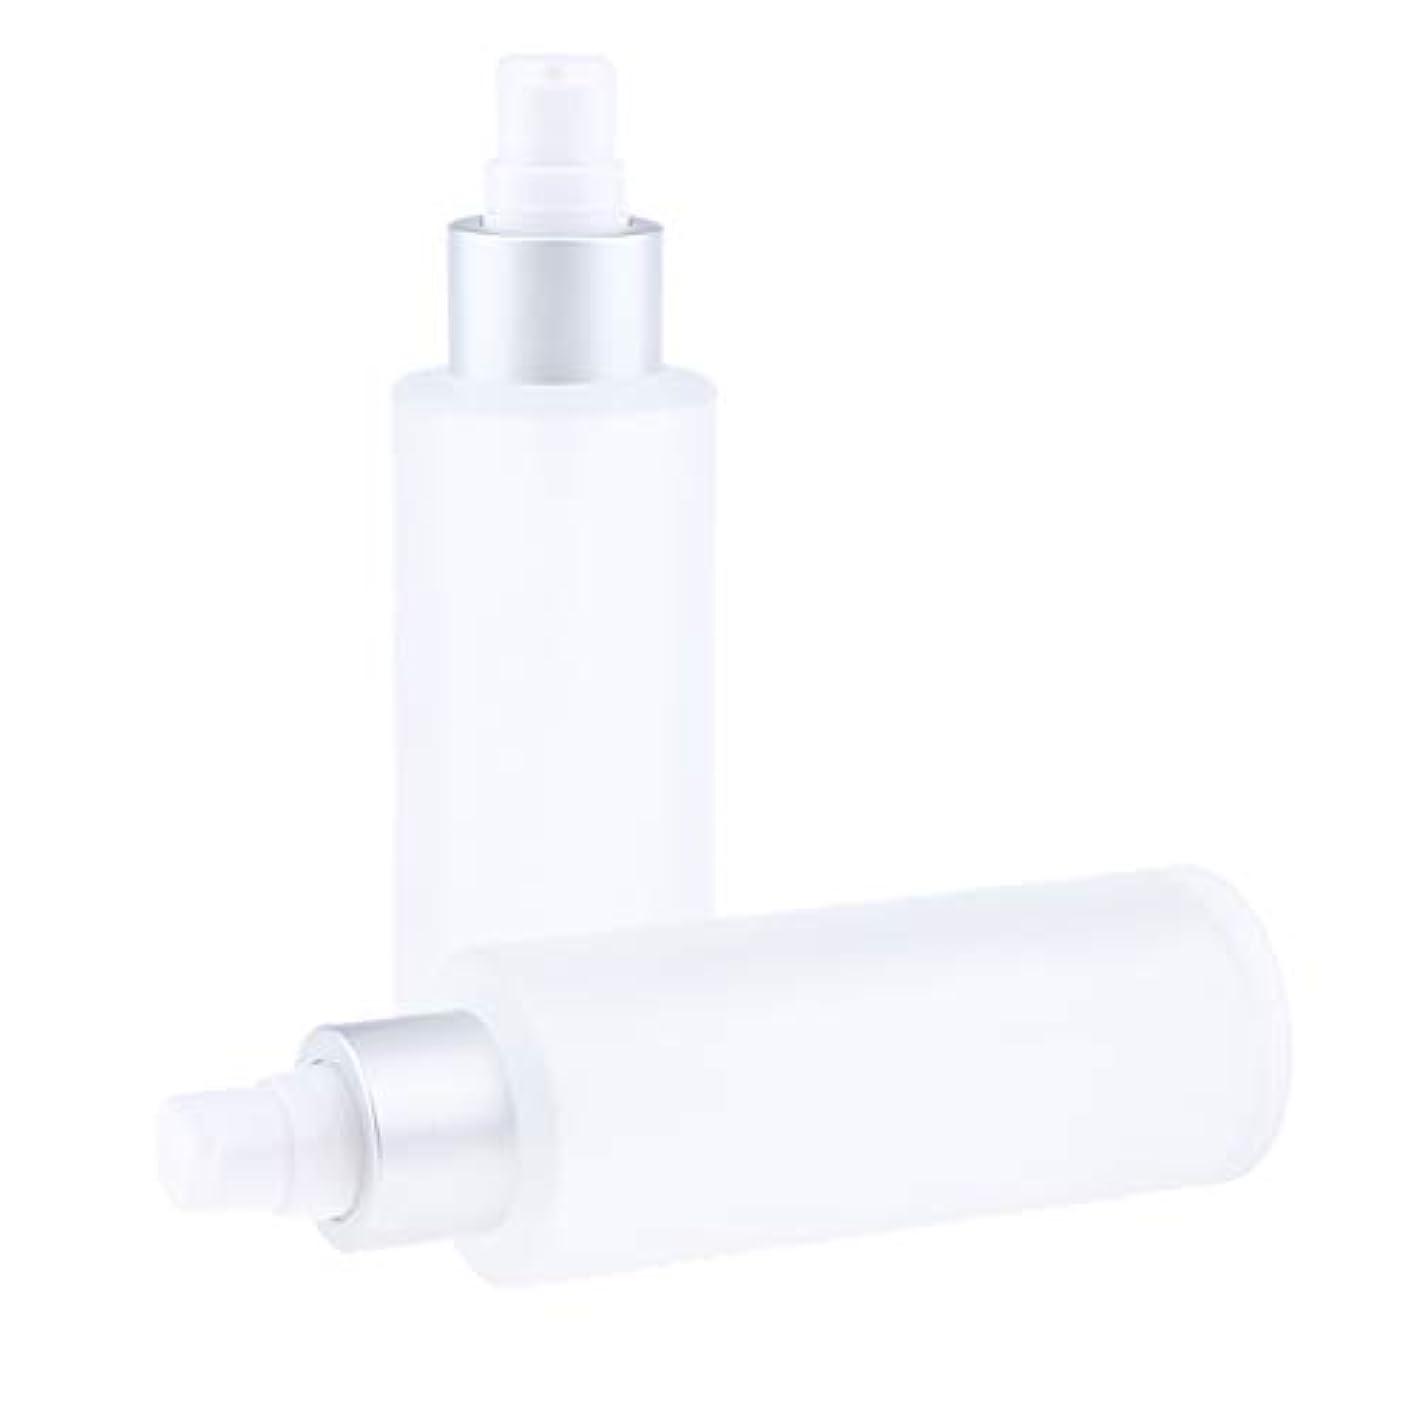 バイオリニスト首謀者無声でDYNWAVE 空ボトル 化粧品 詰替え容器 メイクアップボトル ガラス 100ミリリットル 2個入り 全2選択 - ポンプボトル